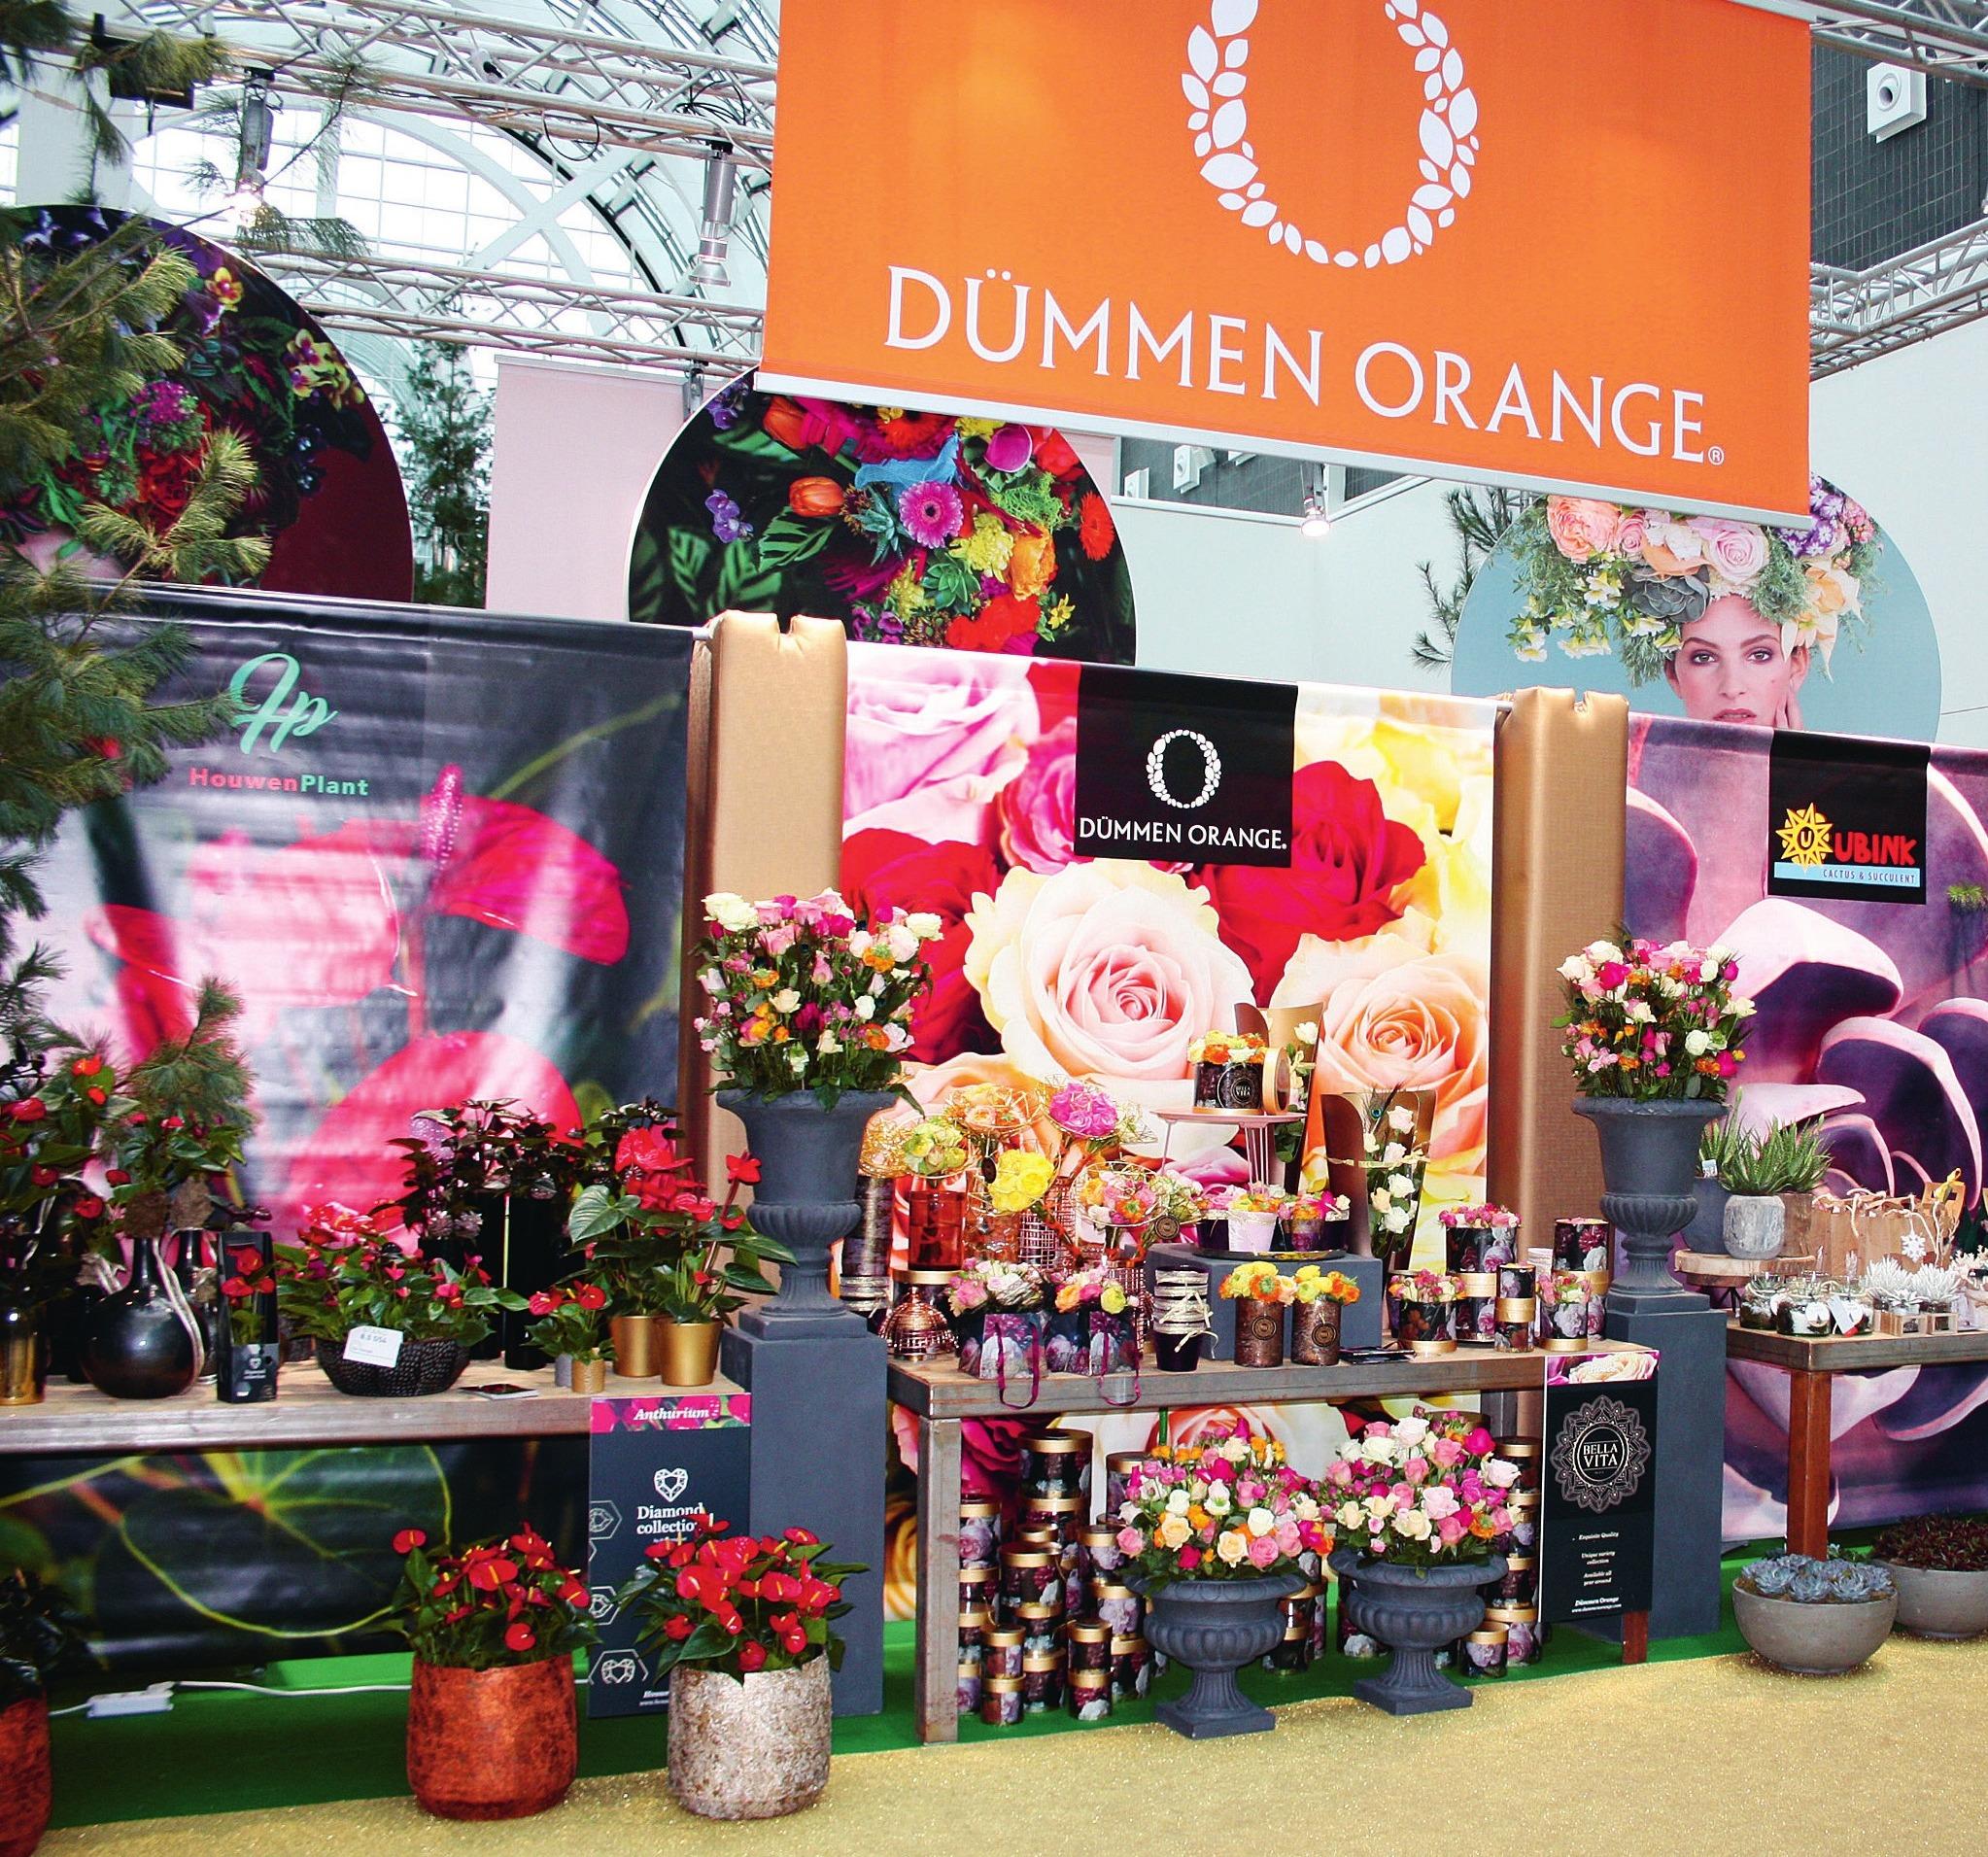 Dümmen Orange zeigte ungewöhnliche Rosenarrangements.